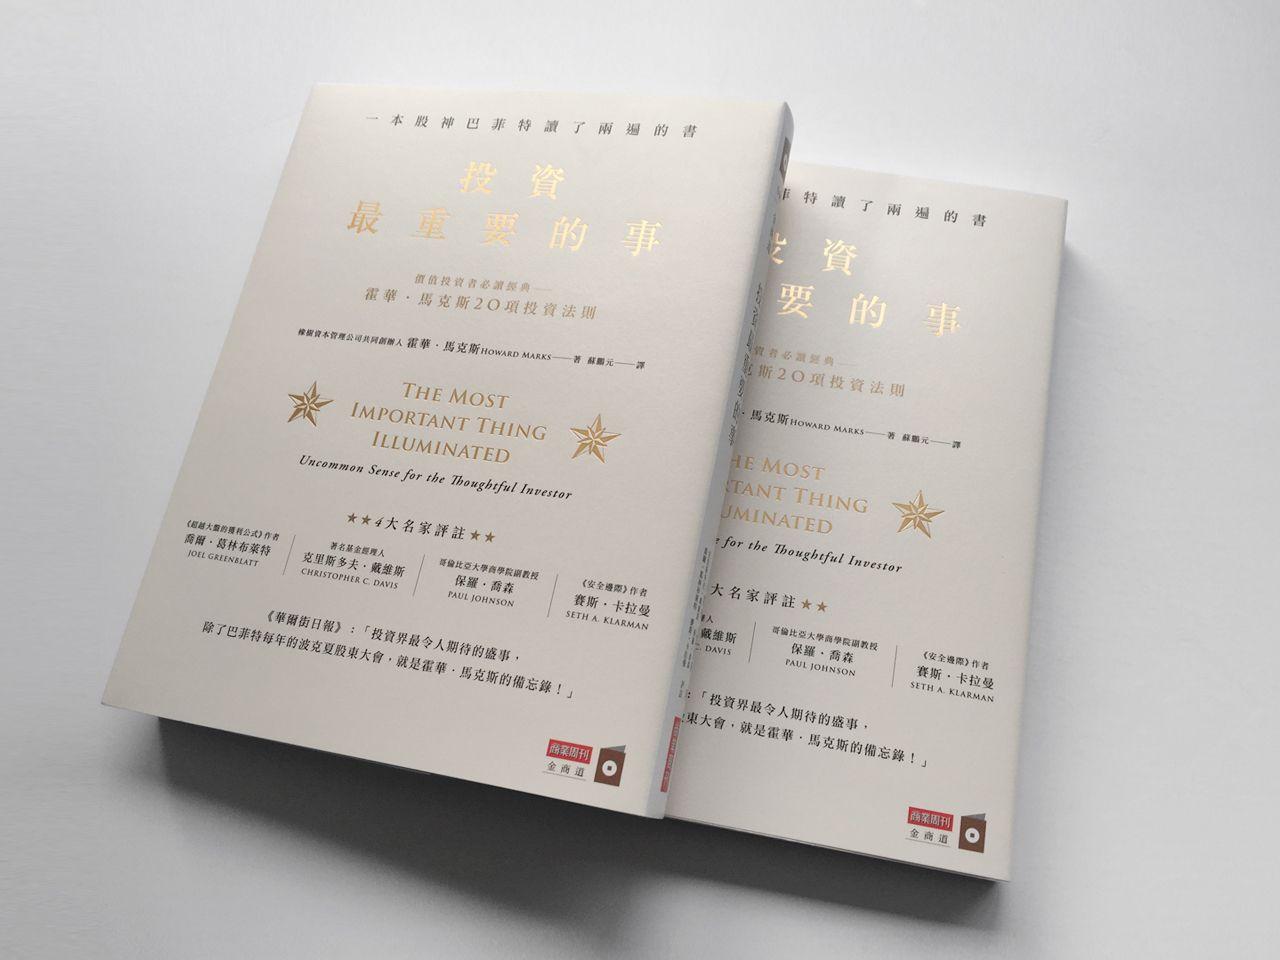 投資最重要的事 The Most Important Thing Illuminated 書籍封面設計 on Behance